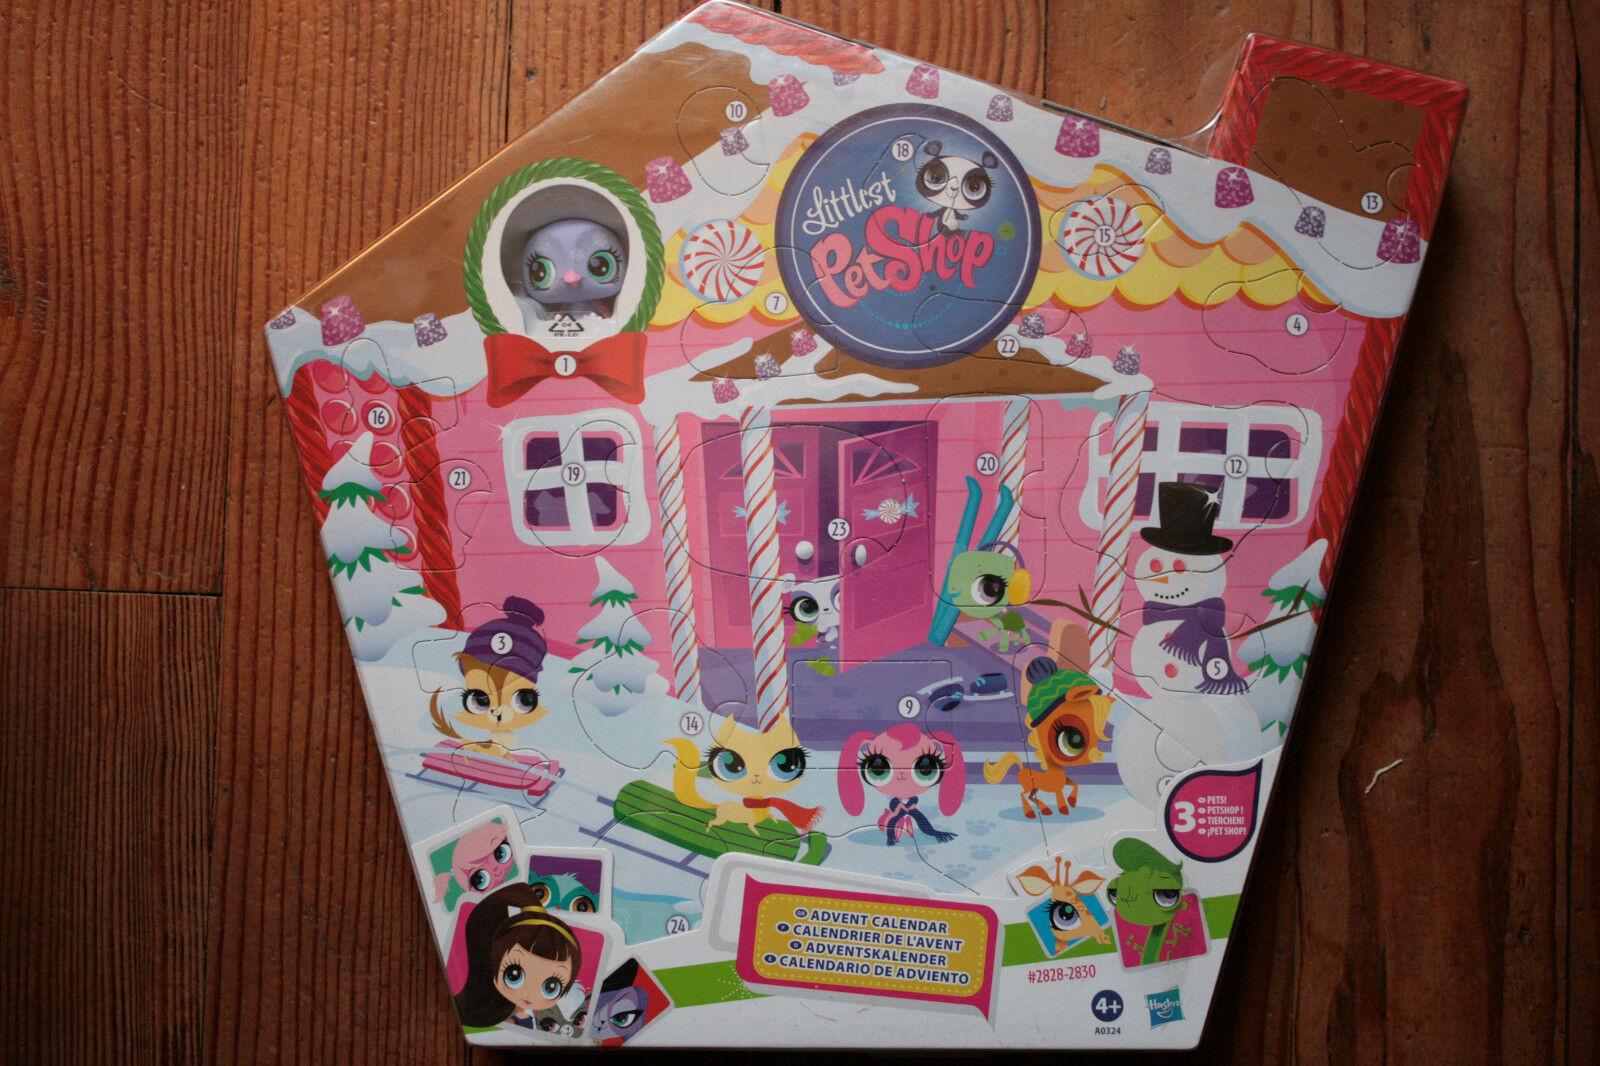 Hasbro - LITTLEST Petshop - Kalender Advent mit 3 Maskottchen  2828-2830